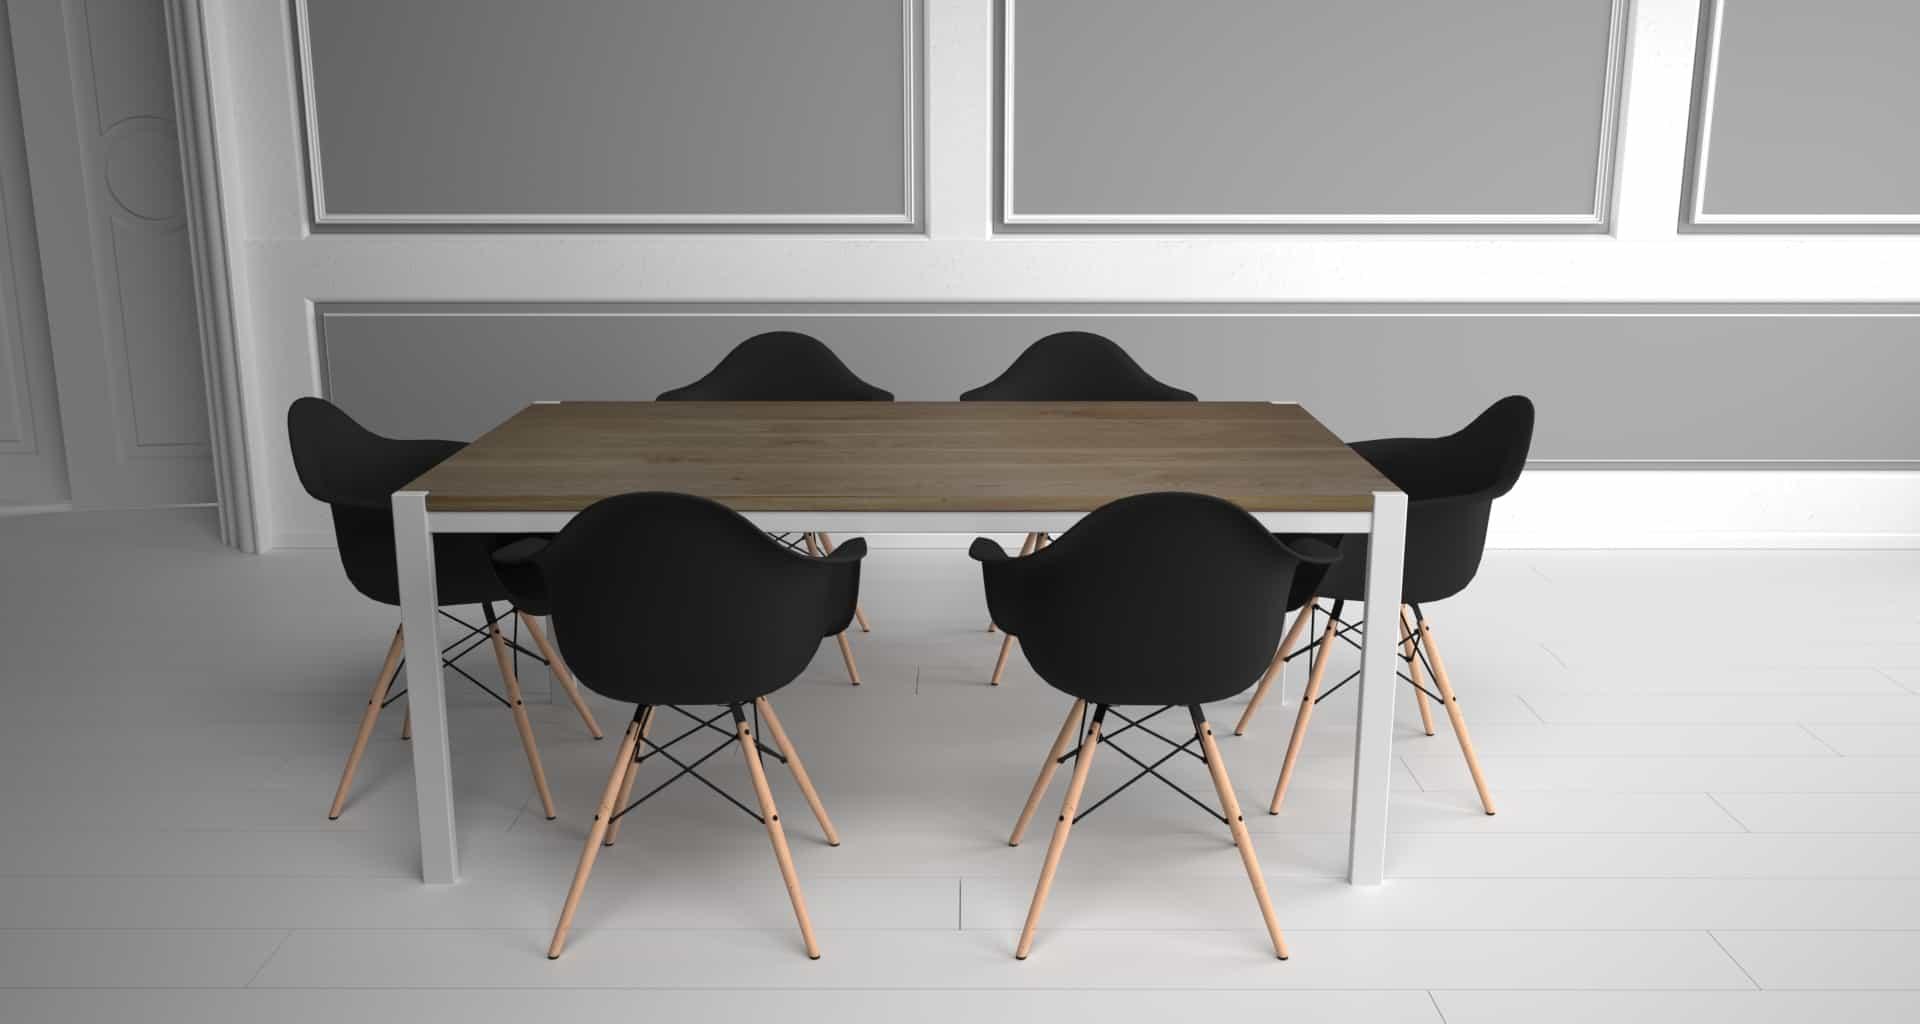 Design Metallmöbel Tisch Ferrum 001 weiß aus Edel-Stahl Holz Eiche Stahlzart timeless design